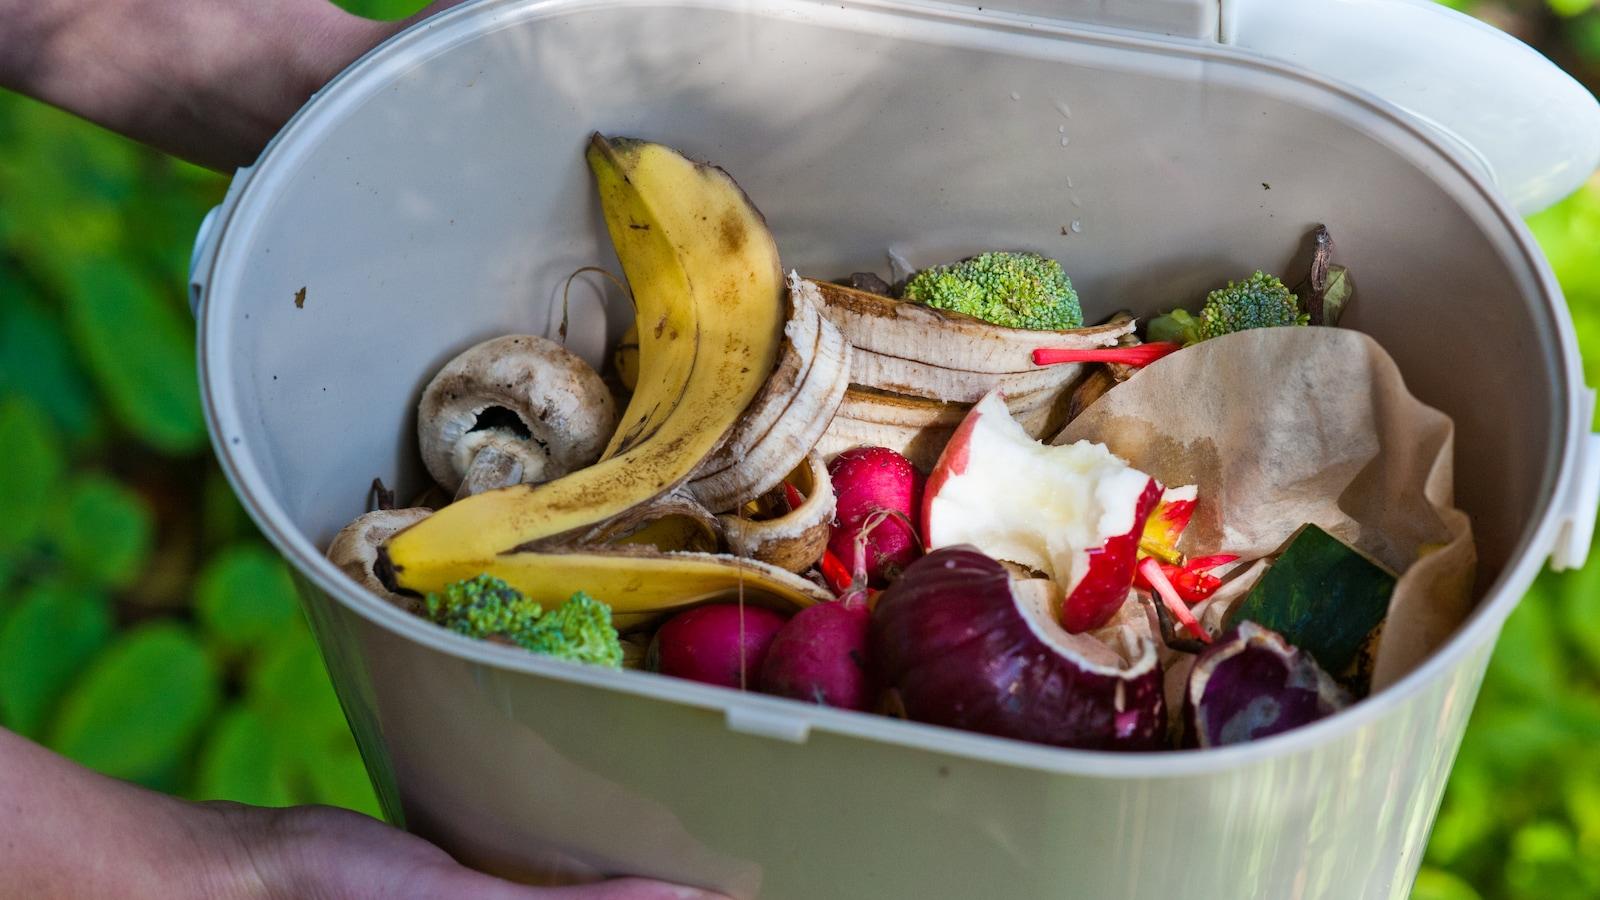 Bac de compostage domestique avec fruits et légumes